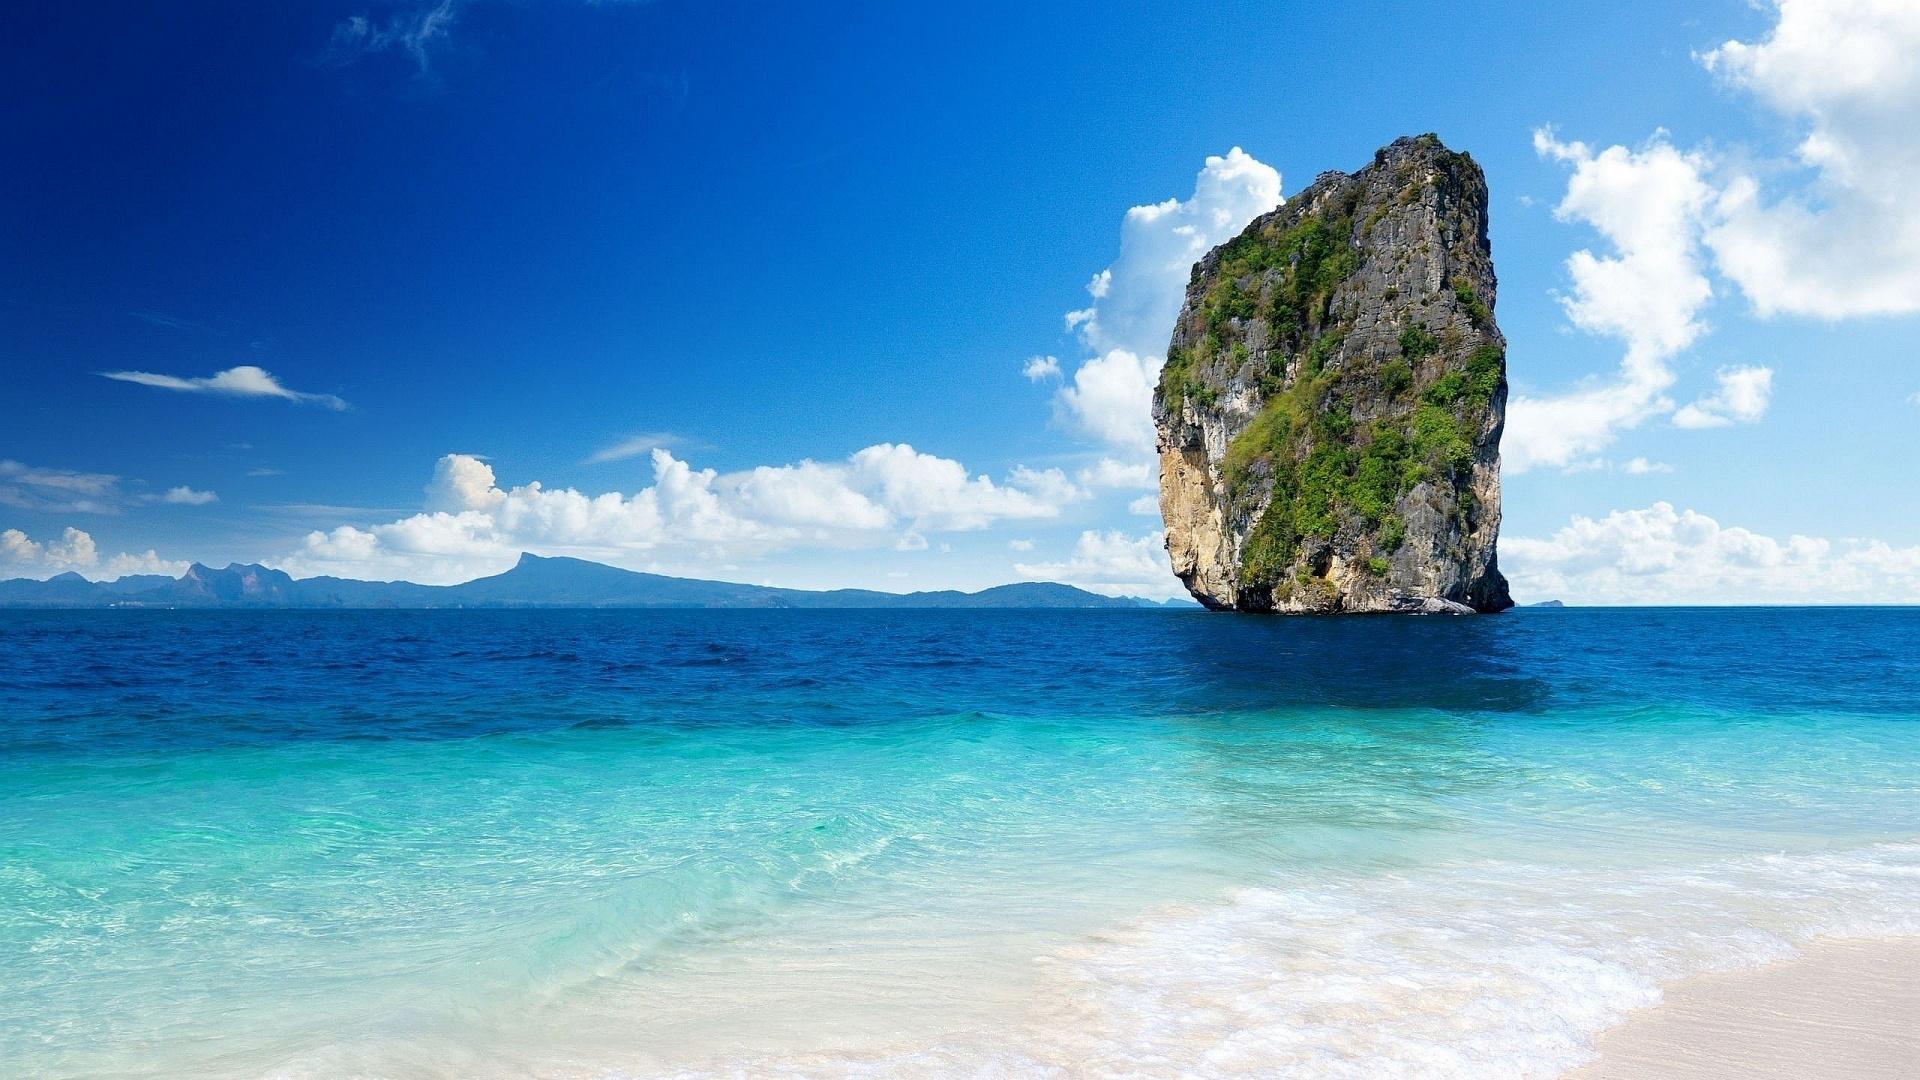 Sfondi mare paesaggi hd scoglio sfondi hd gratis for Foto full hd per desktop